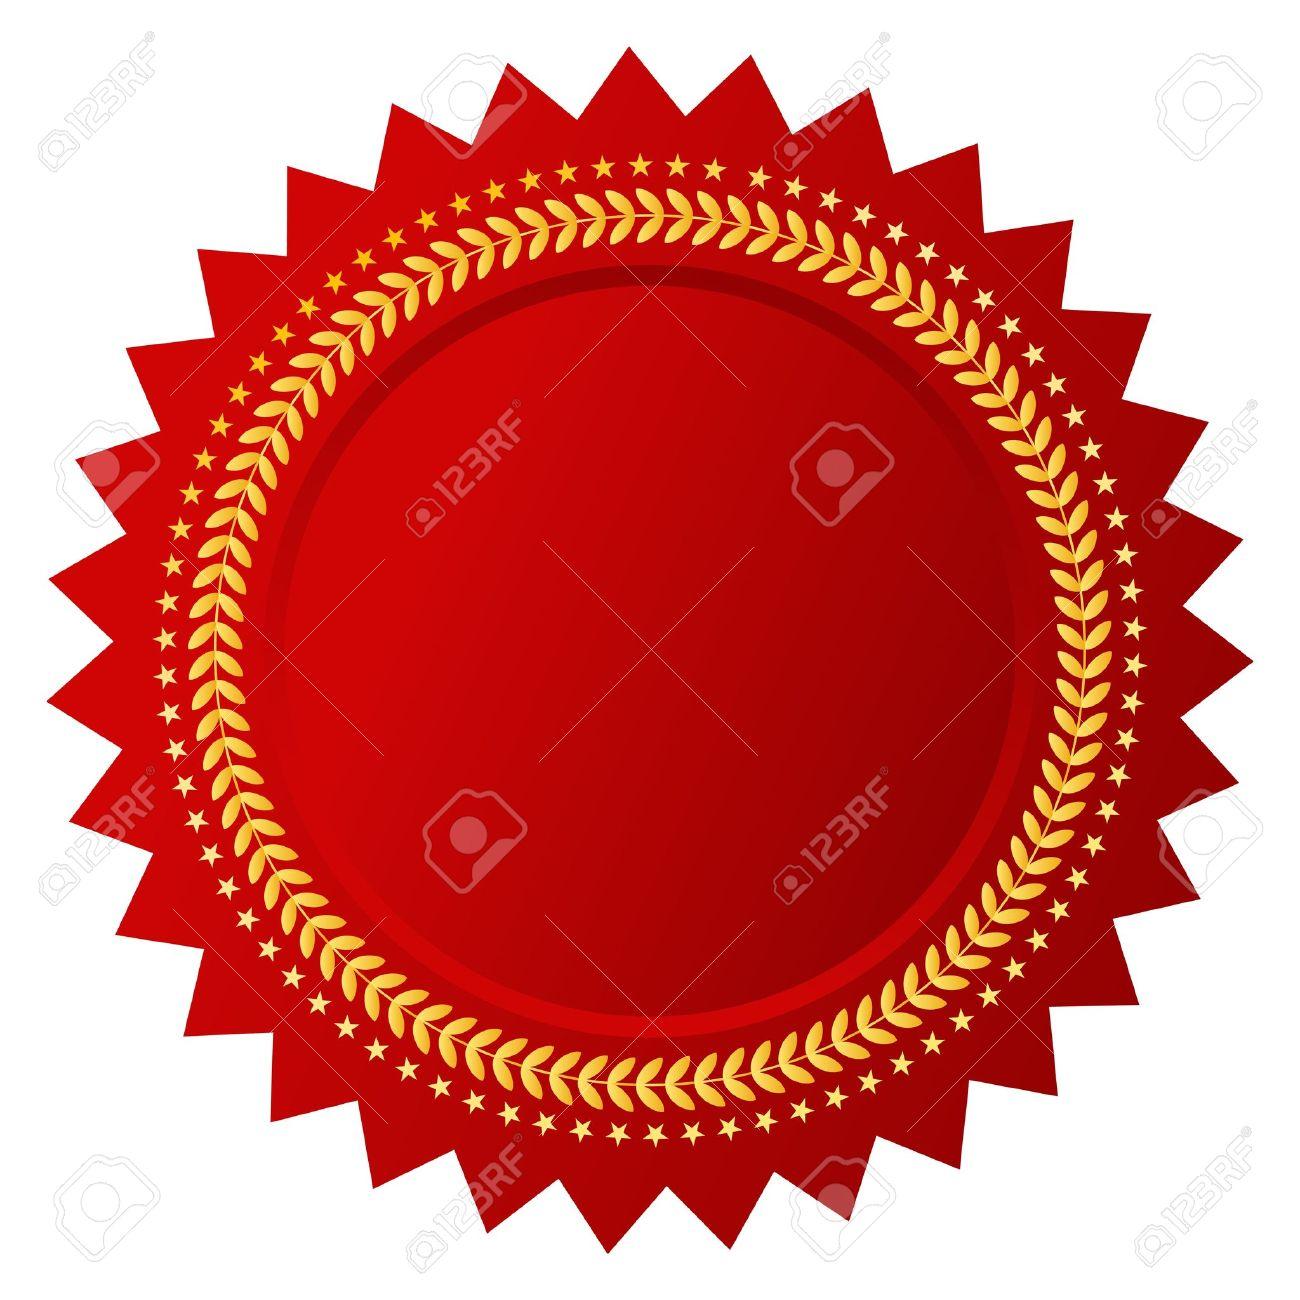 Vector red certificate Stock Vector - 18519969